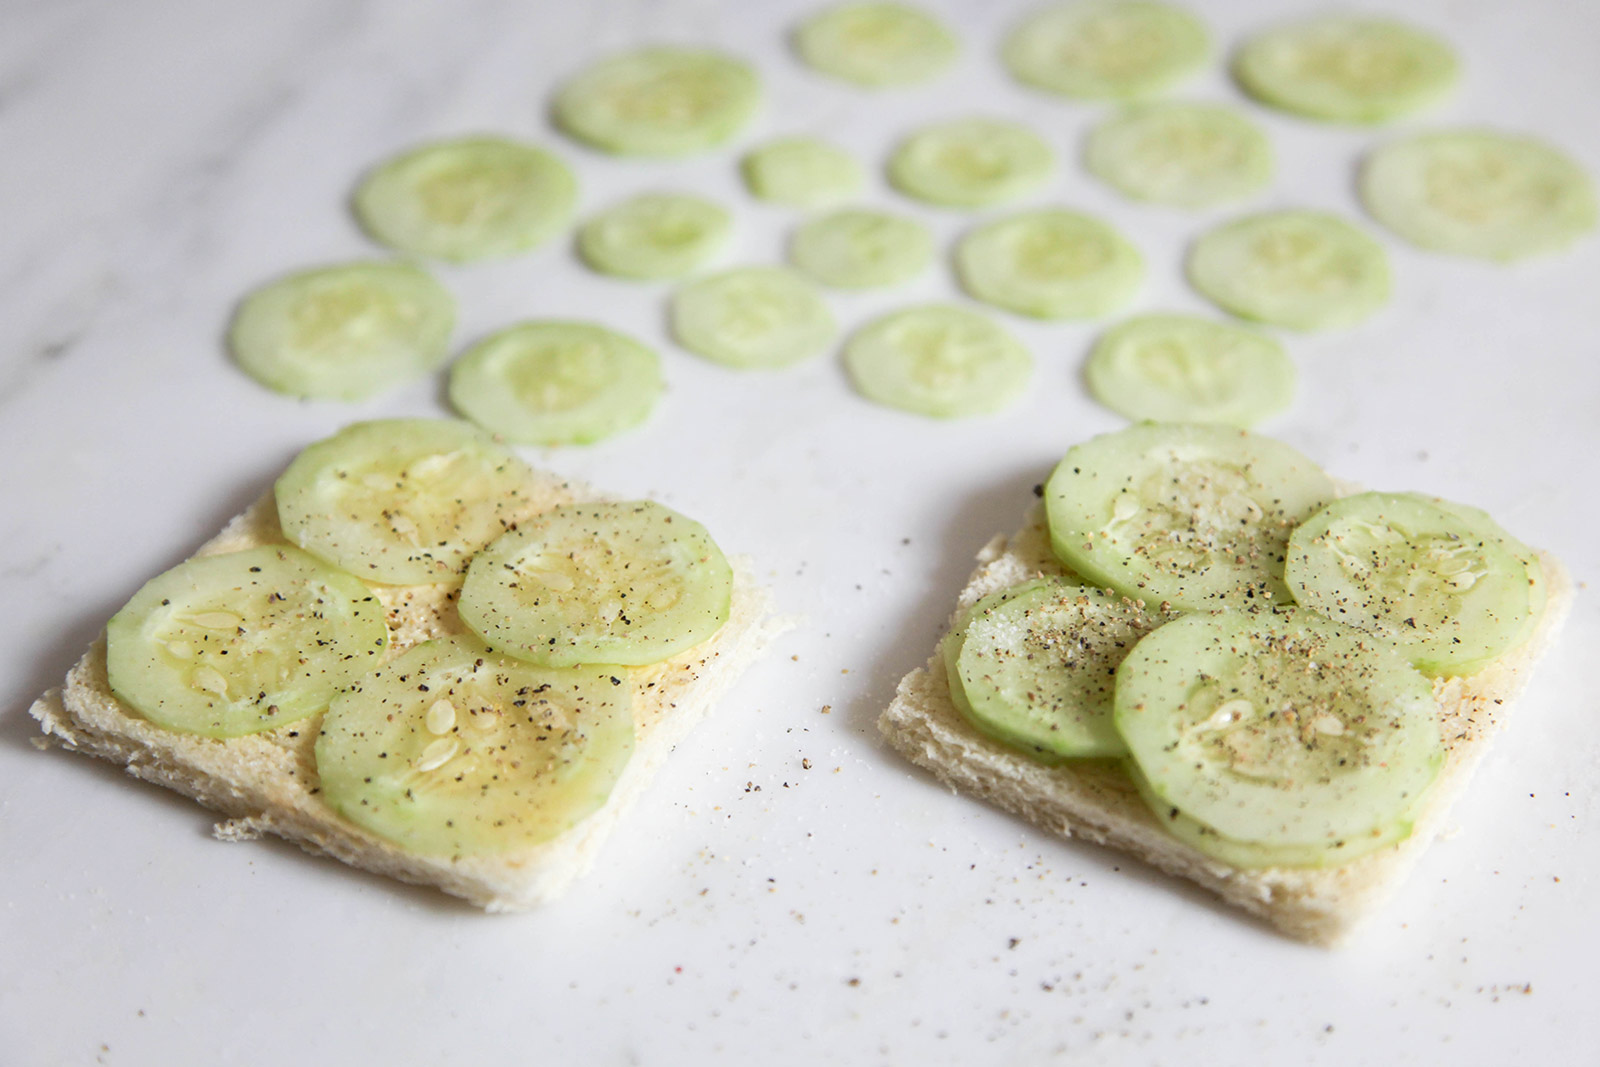 assembling cucumber sandwich